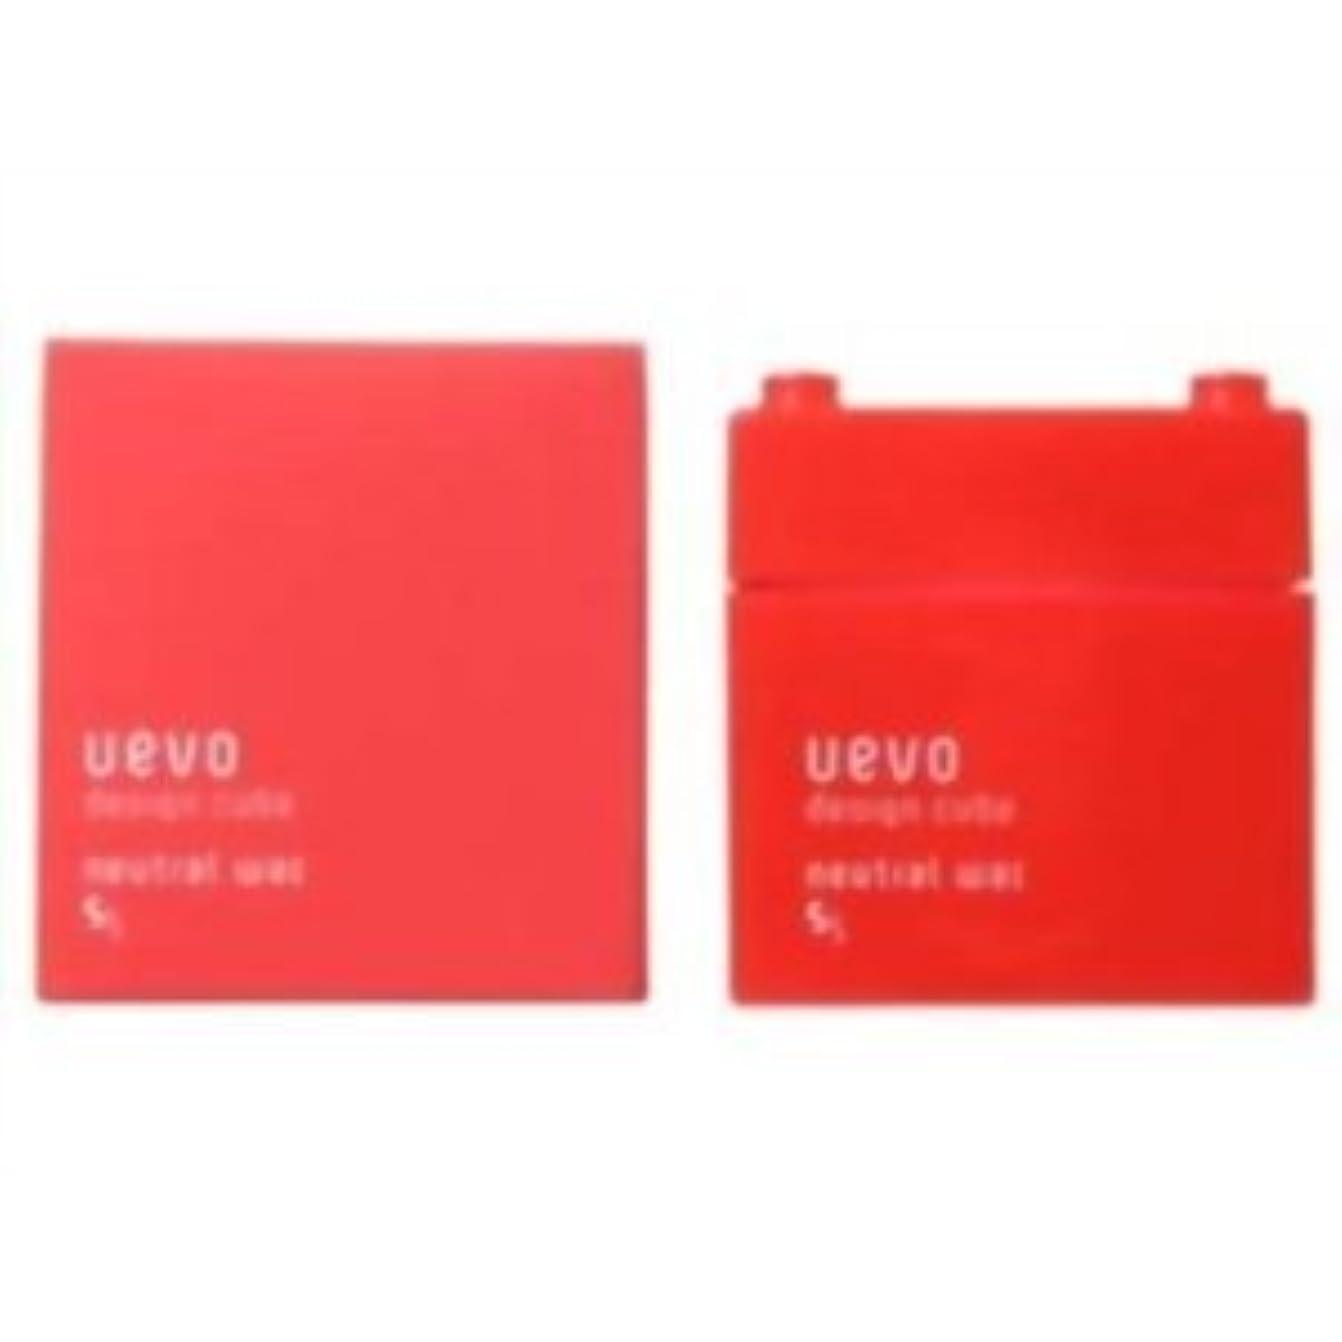 暴露するラップかご【X3個セット】 デミ ウェーボ デザインキューブ ニュートラルワックス 80g neutral wax DEMI uevo design cube